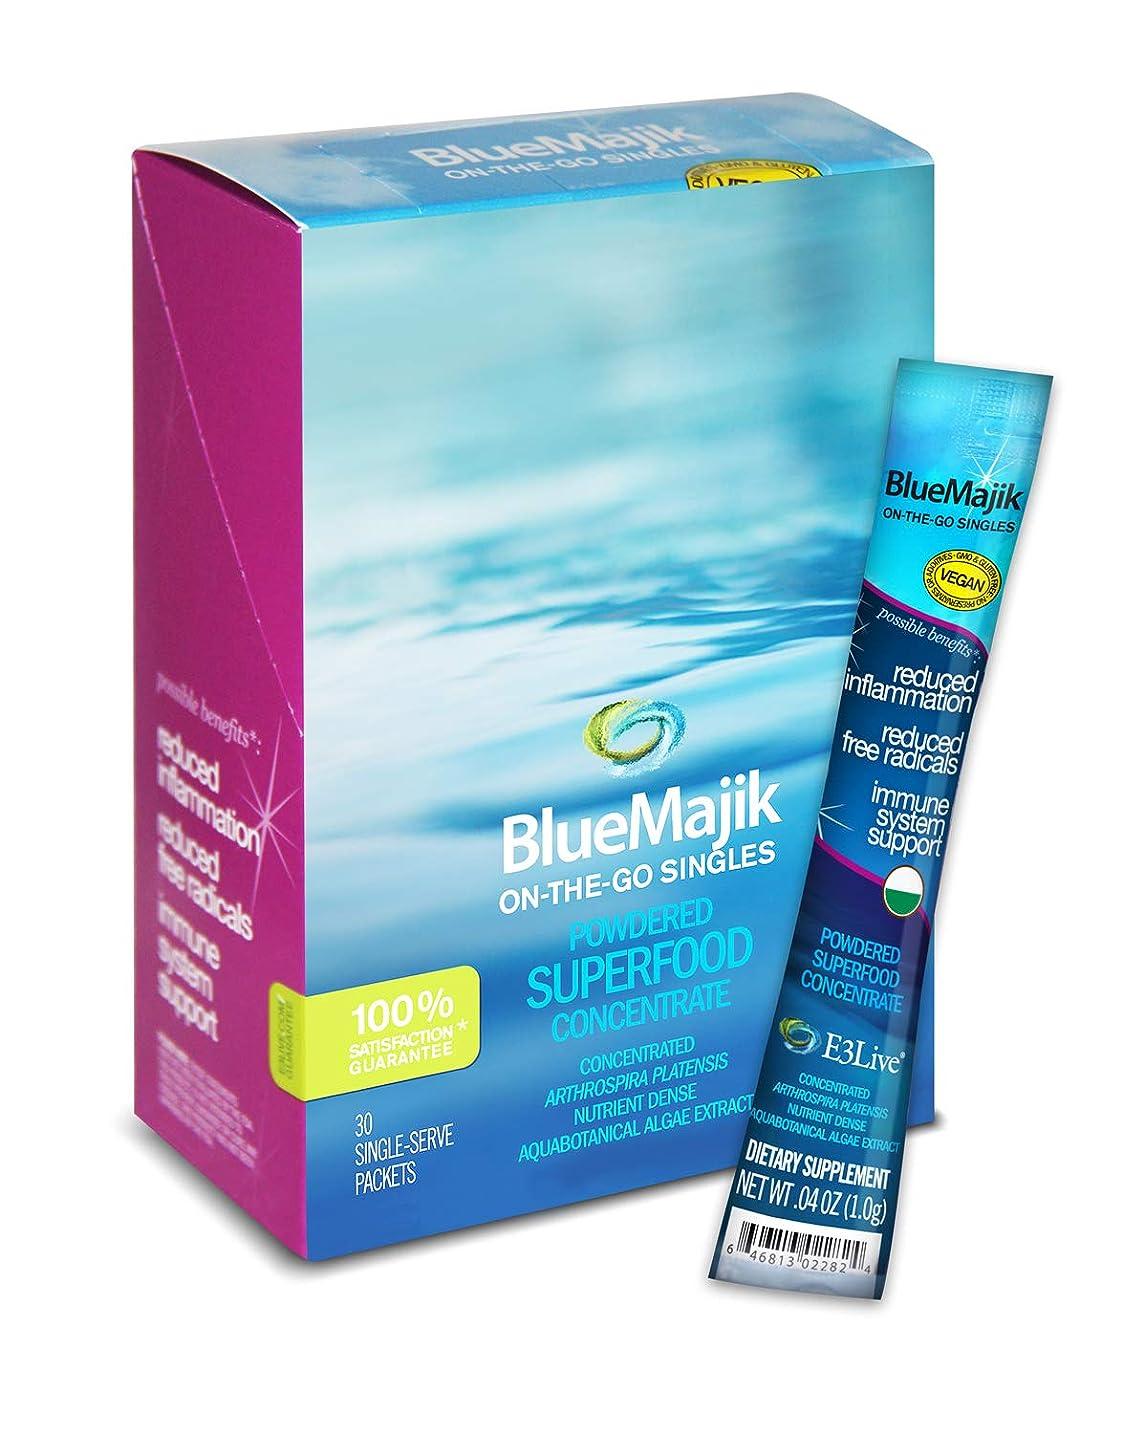 ゆるいシャーロットブロンテテーマイースリーライブ?(E3Live) BlueMajik パウダースティックBOX 30包